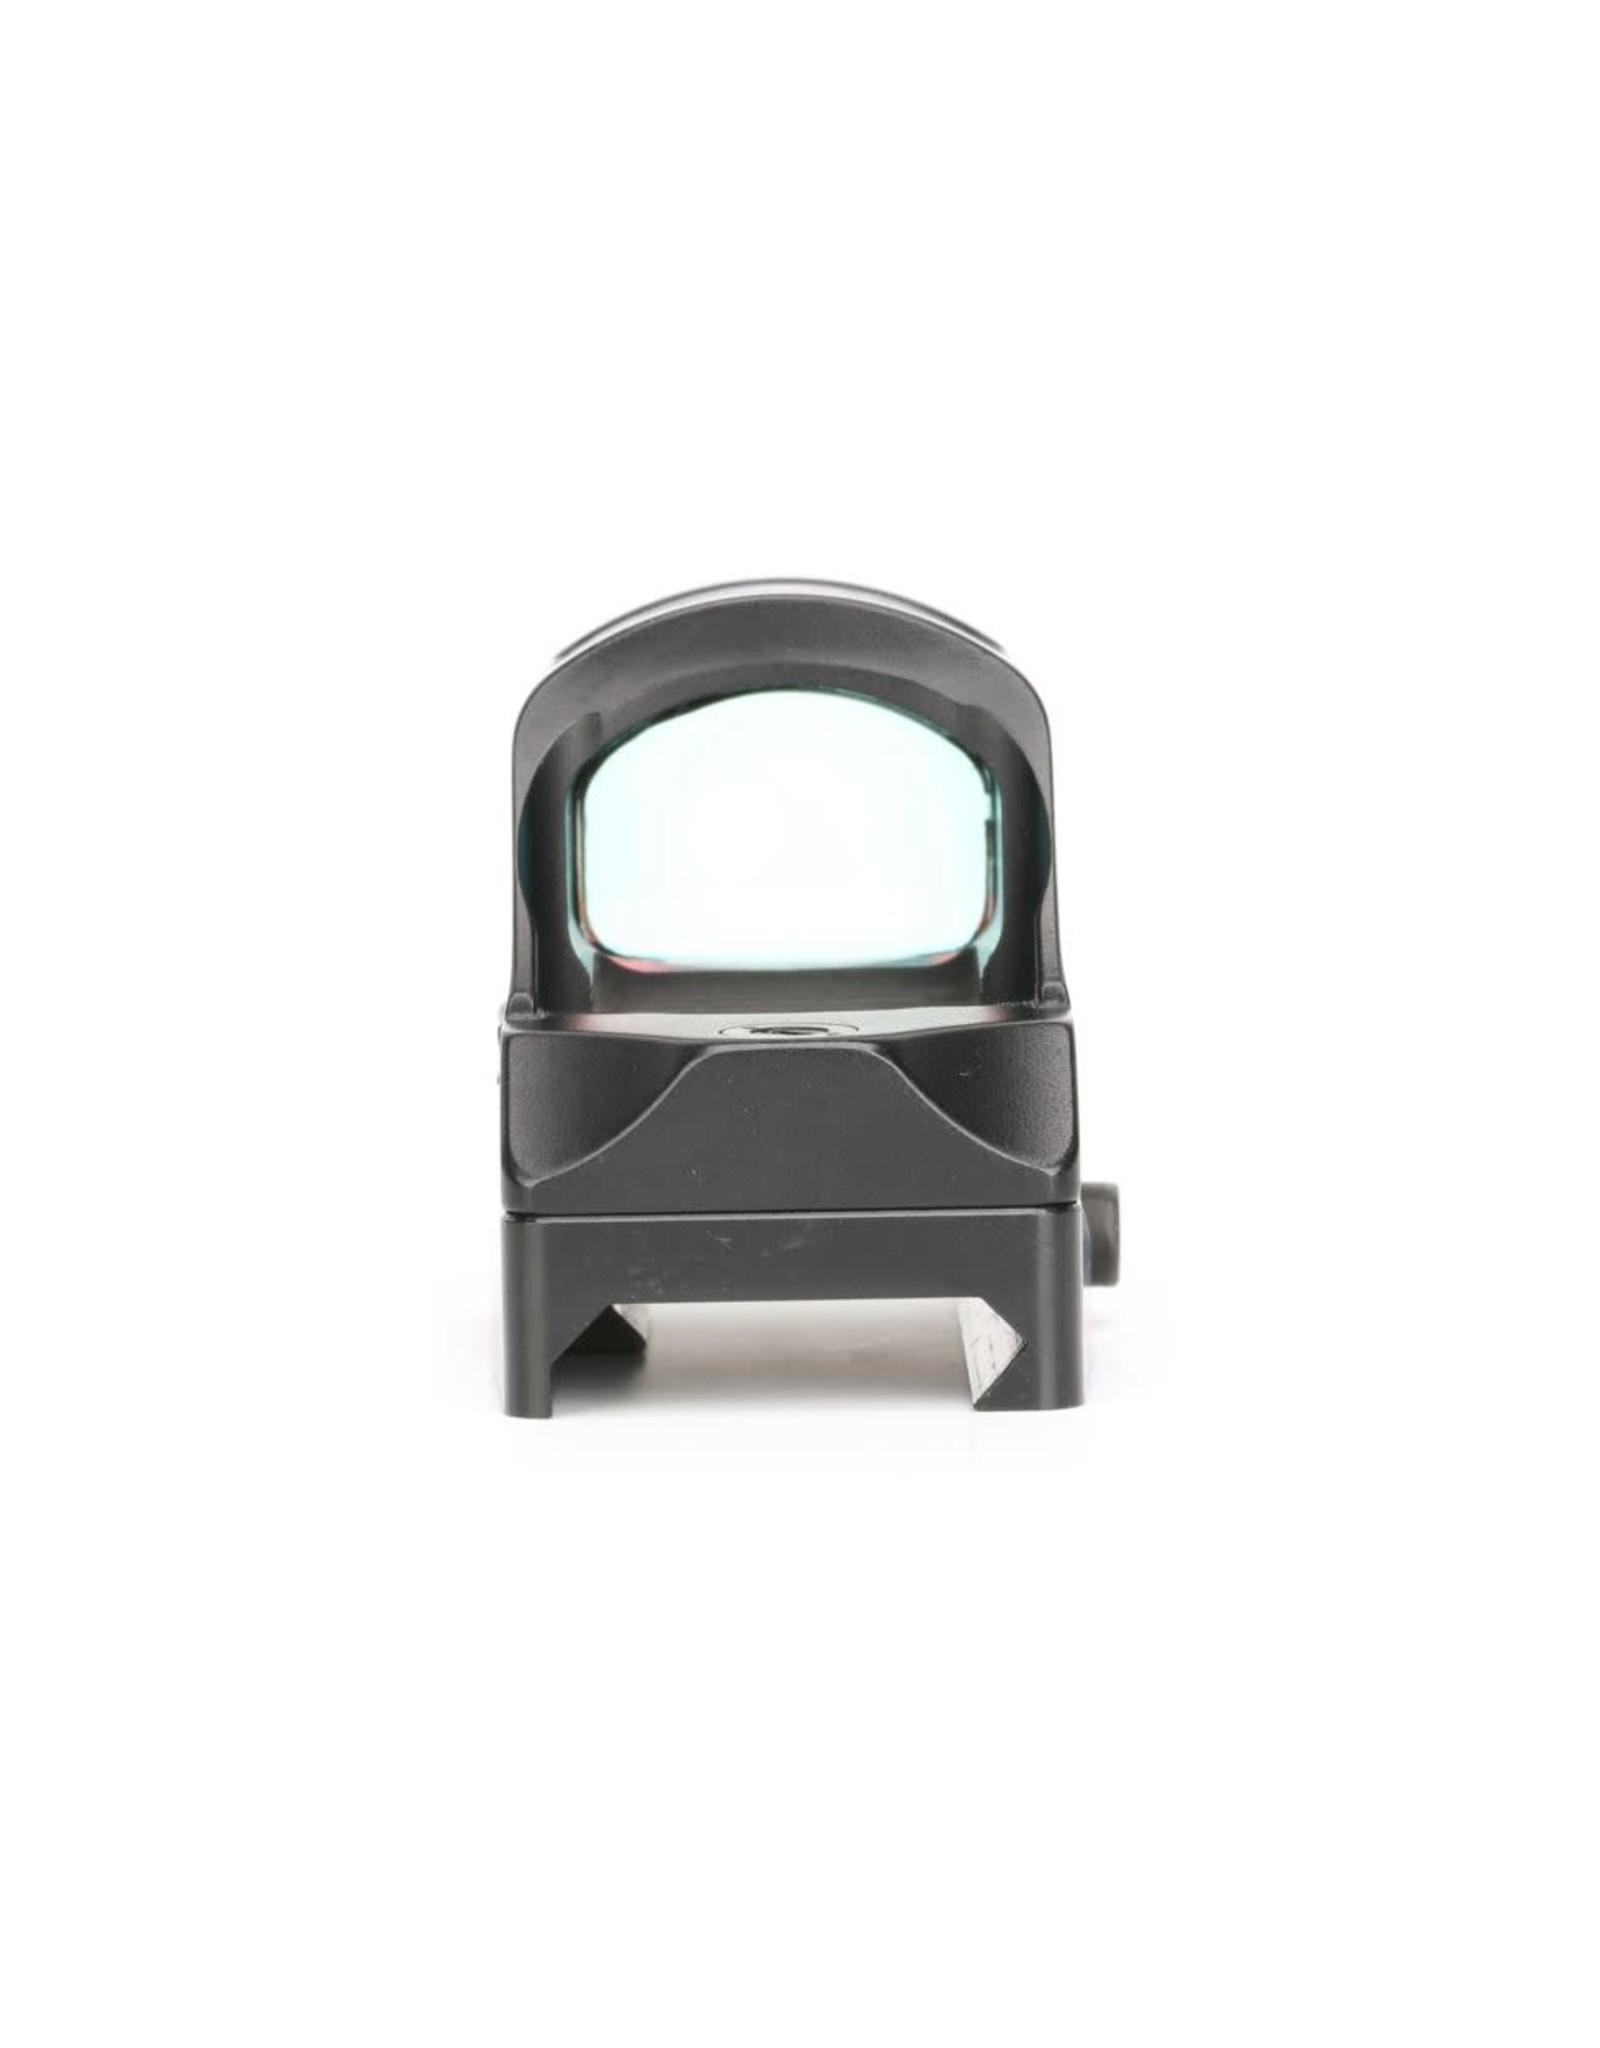 Holosun Holosun HE507C-GR-V2 Elite Pistol Green Dot Sight - 2 MOA